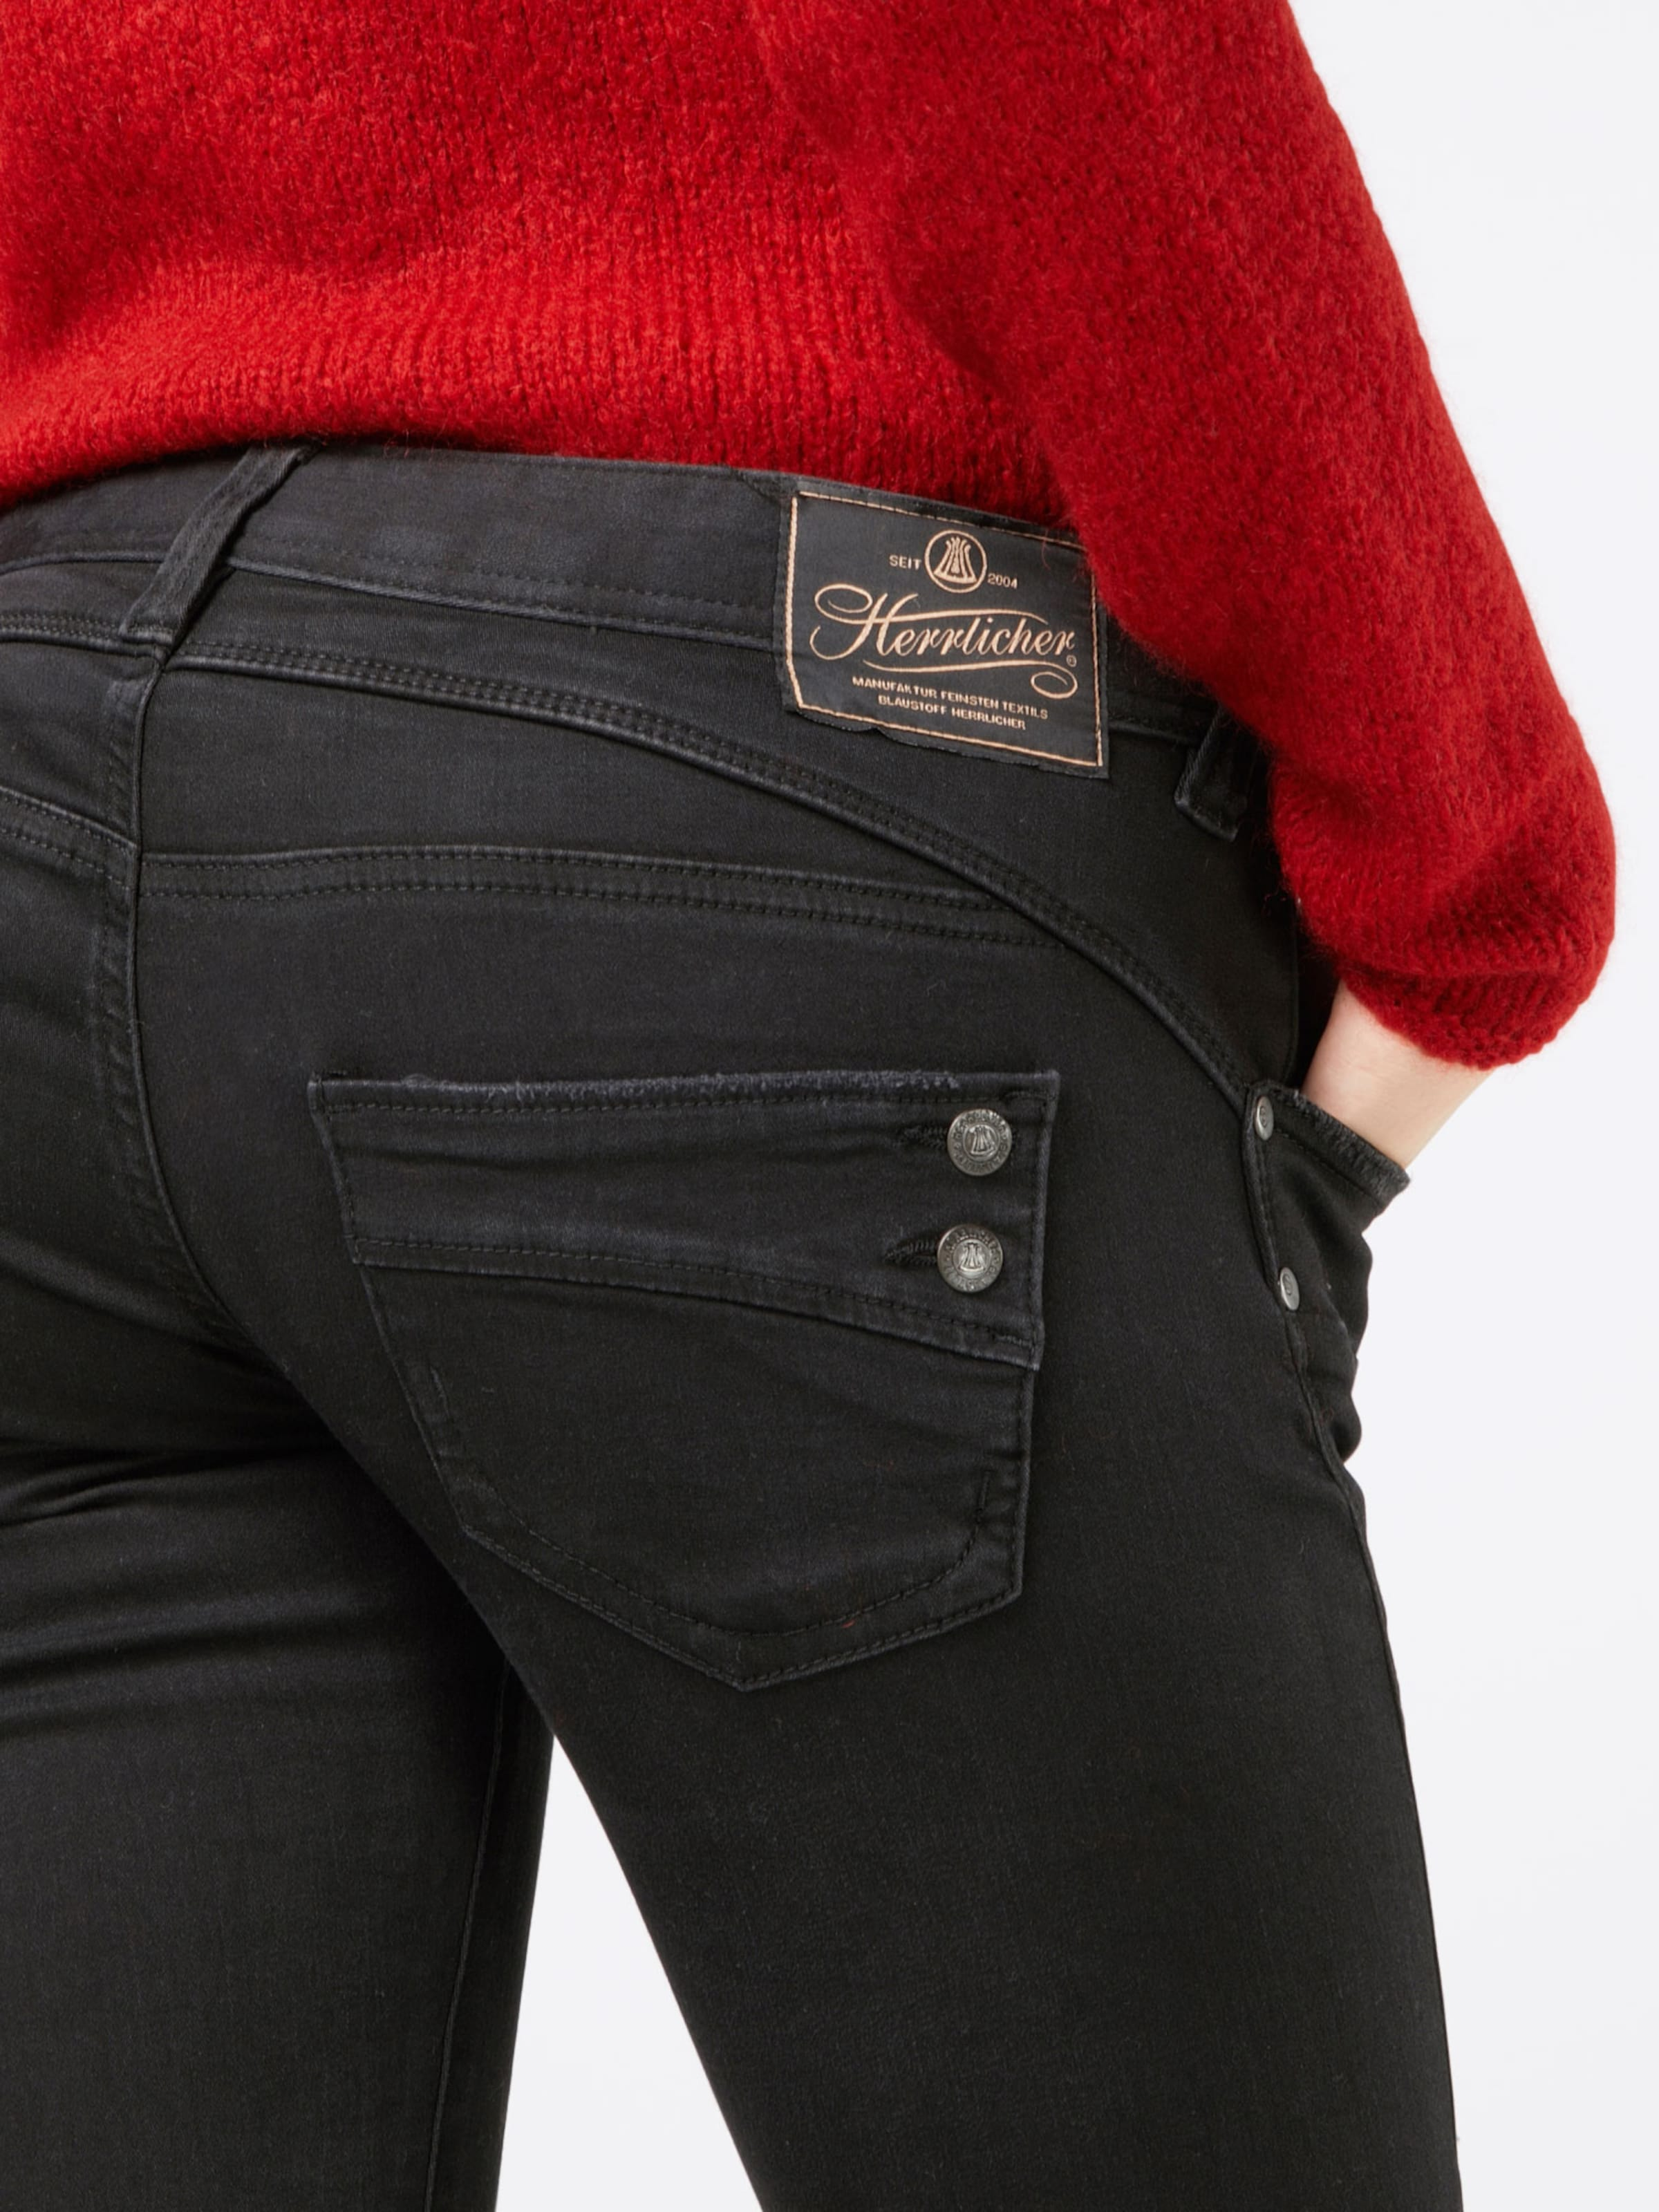 In Stretch' 'piper Slim Herrlicher Jeans Denim Black rxhQtdsC